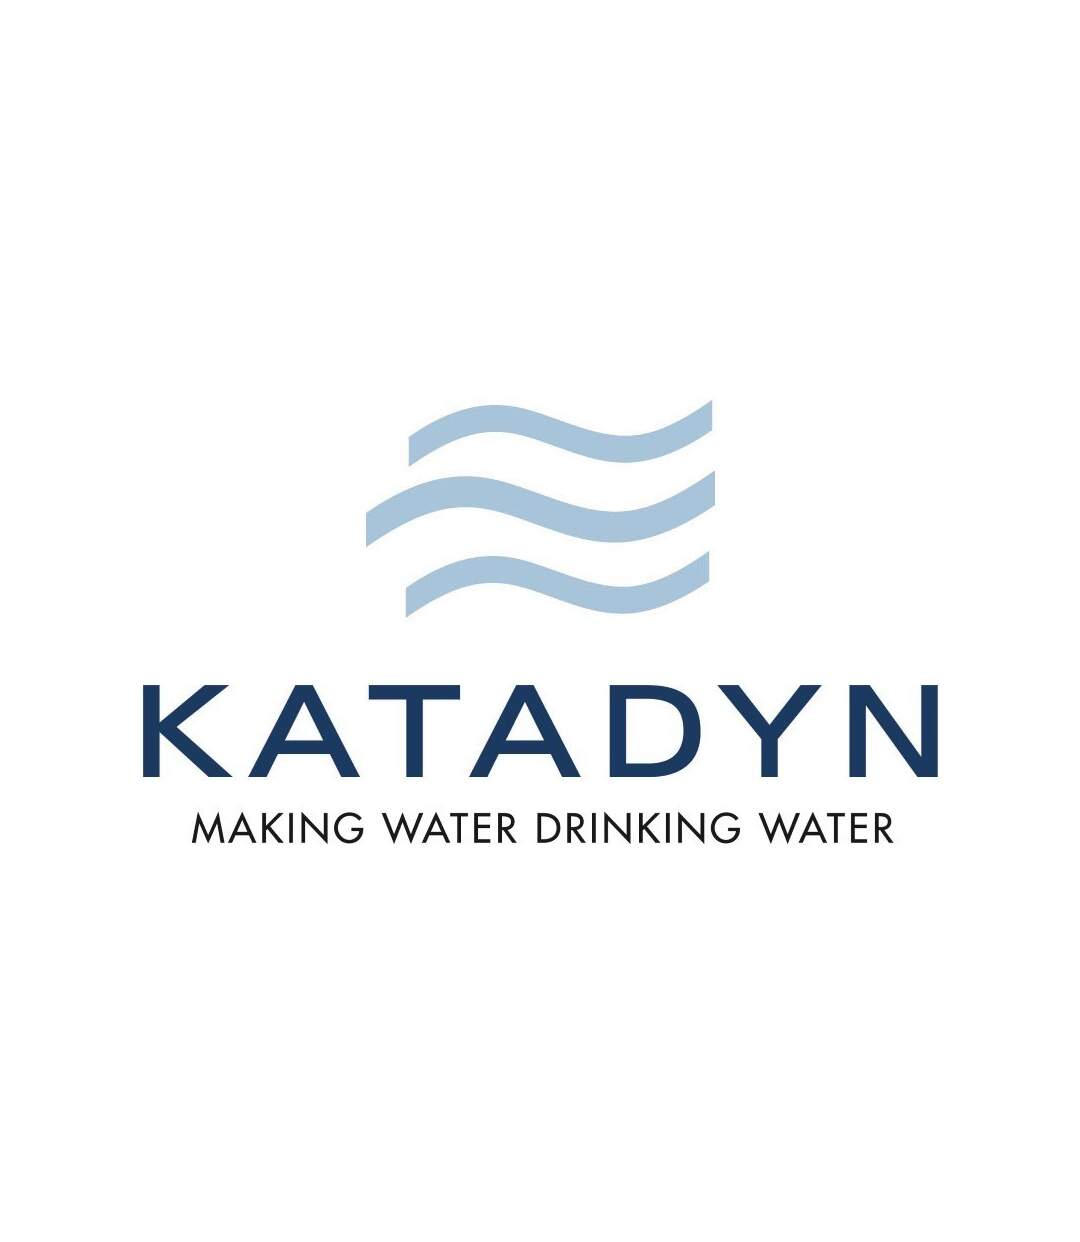 Dégagement Katadyn Micropur Forte en boite de 100 comprimés dsf.d455nksdKLFHG